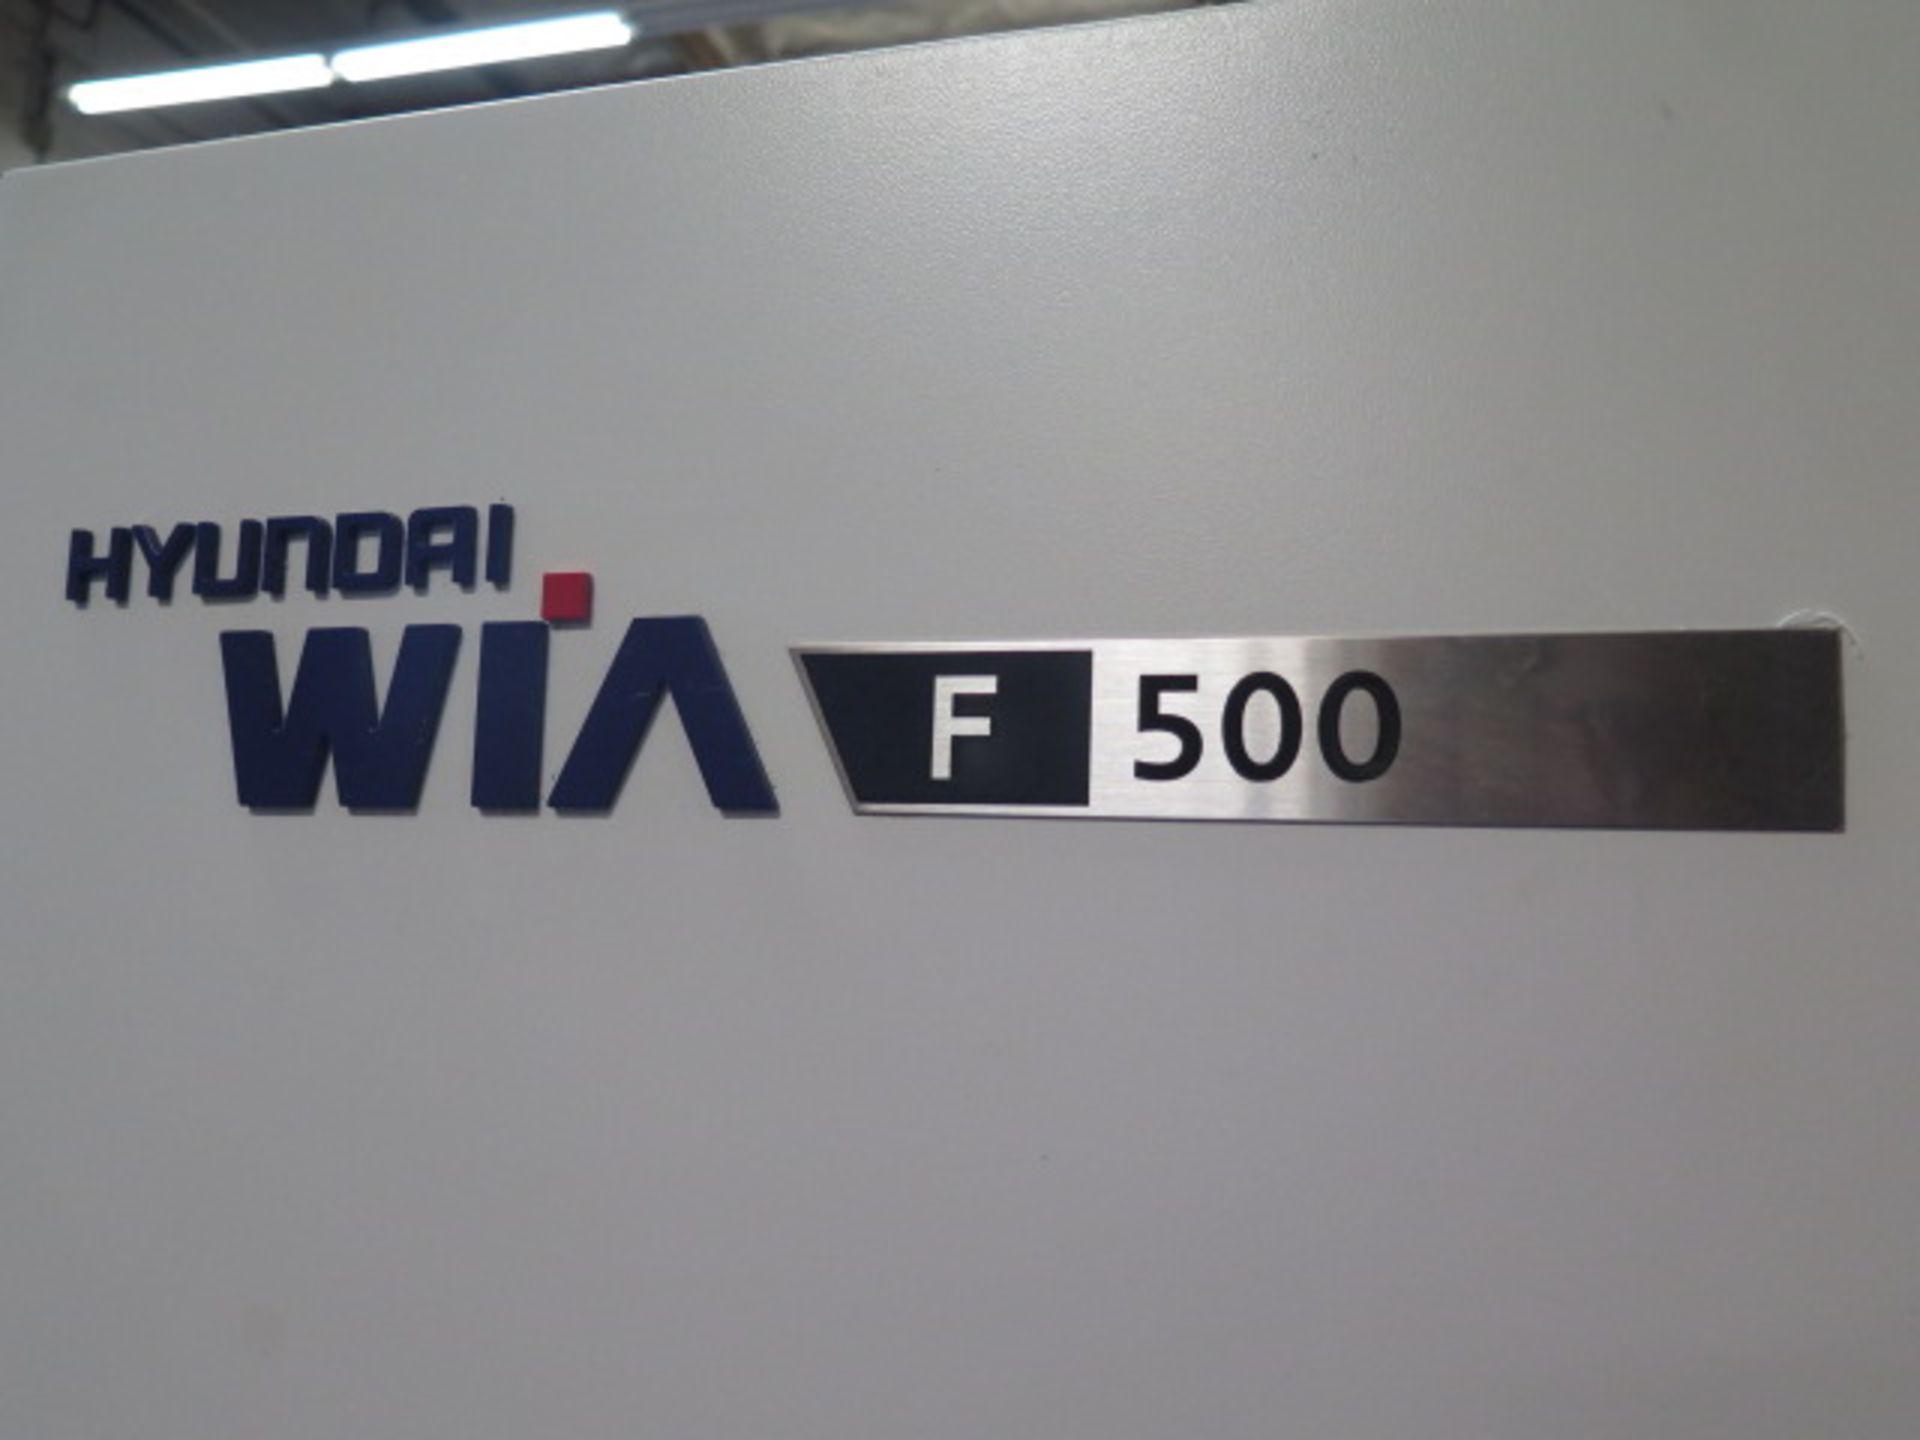 2016 Hyundai WIA F500 CNC VMC s/n G3684-3507 w/ Hyundai WIA Fanuc i-Series, SOLD AS IS NO WARRANTY - Image 4 of 22